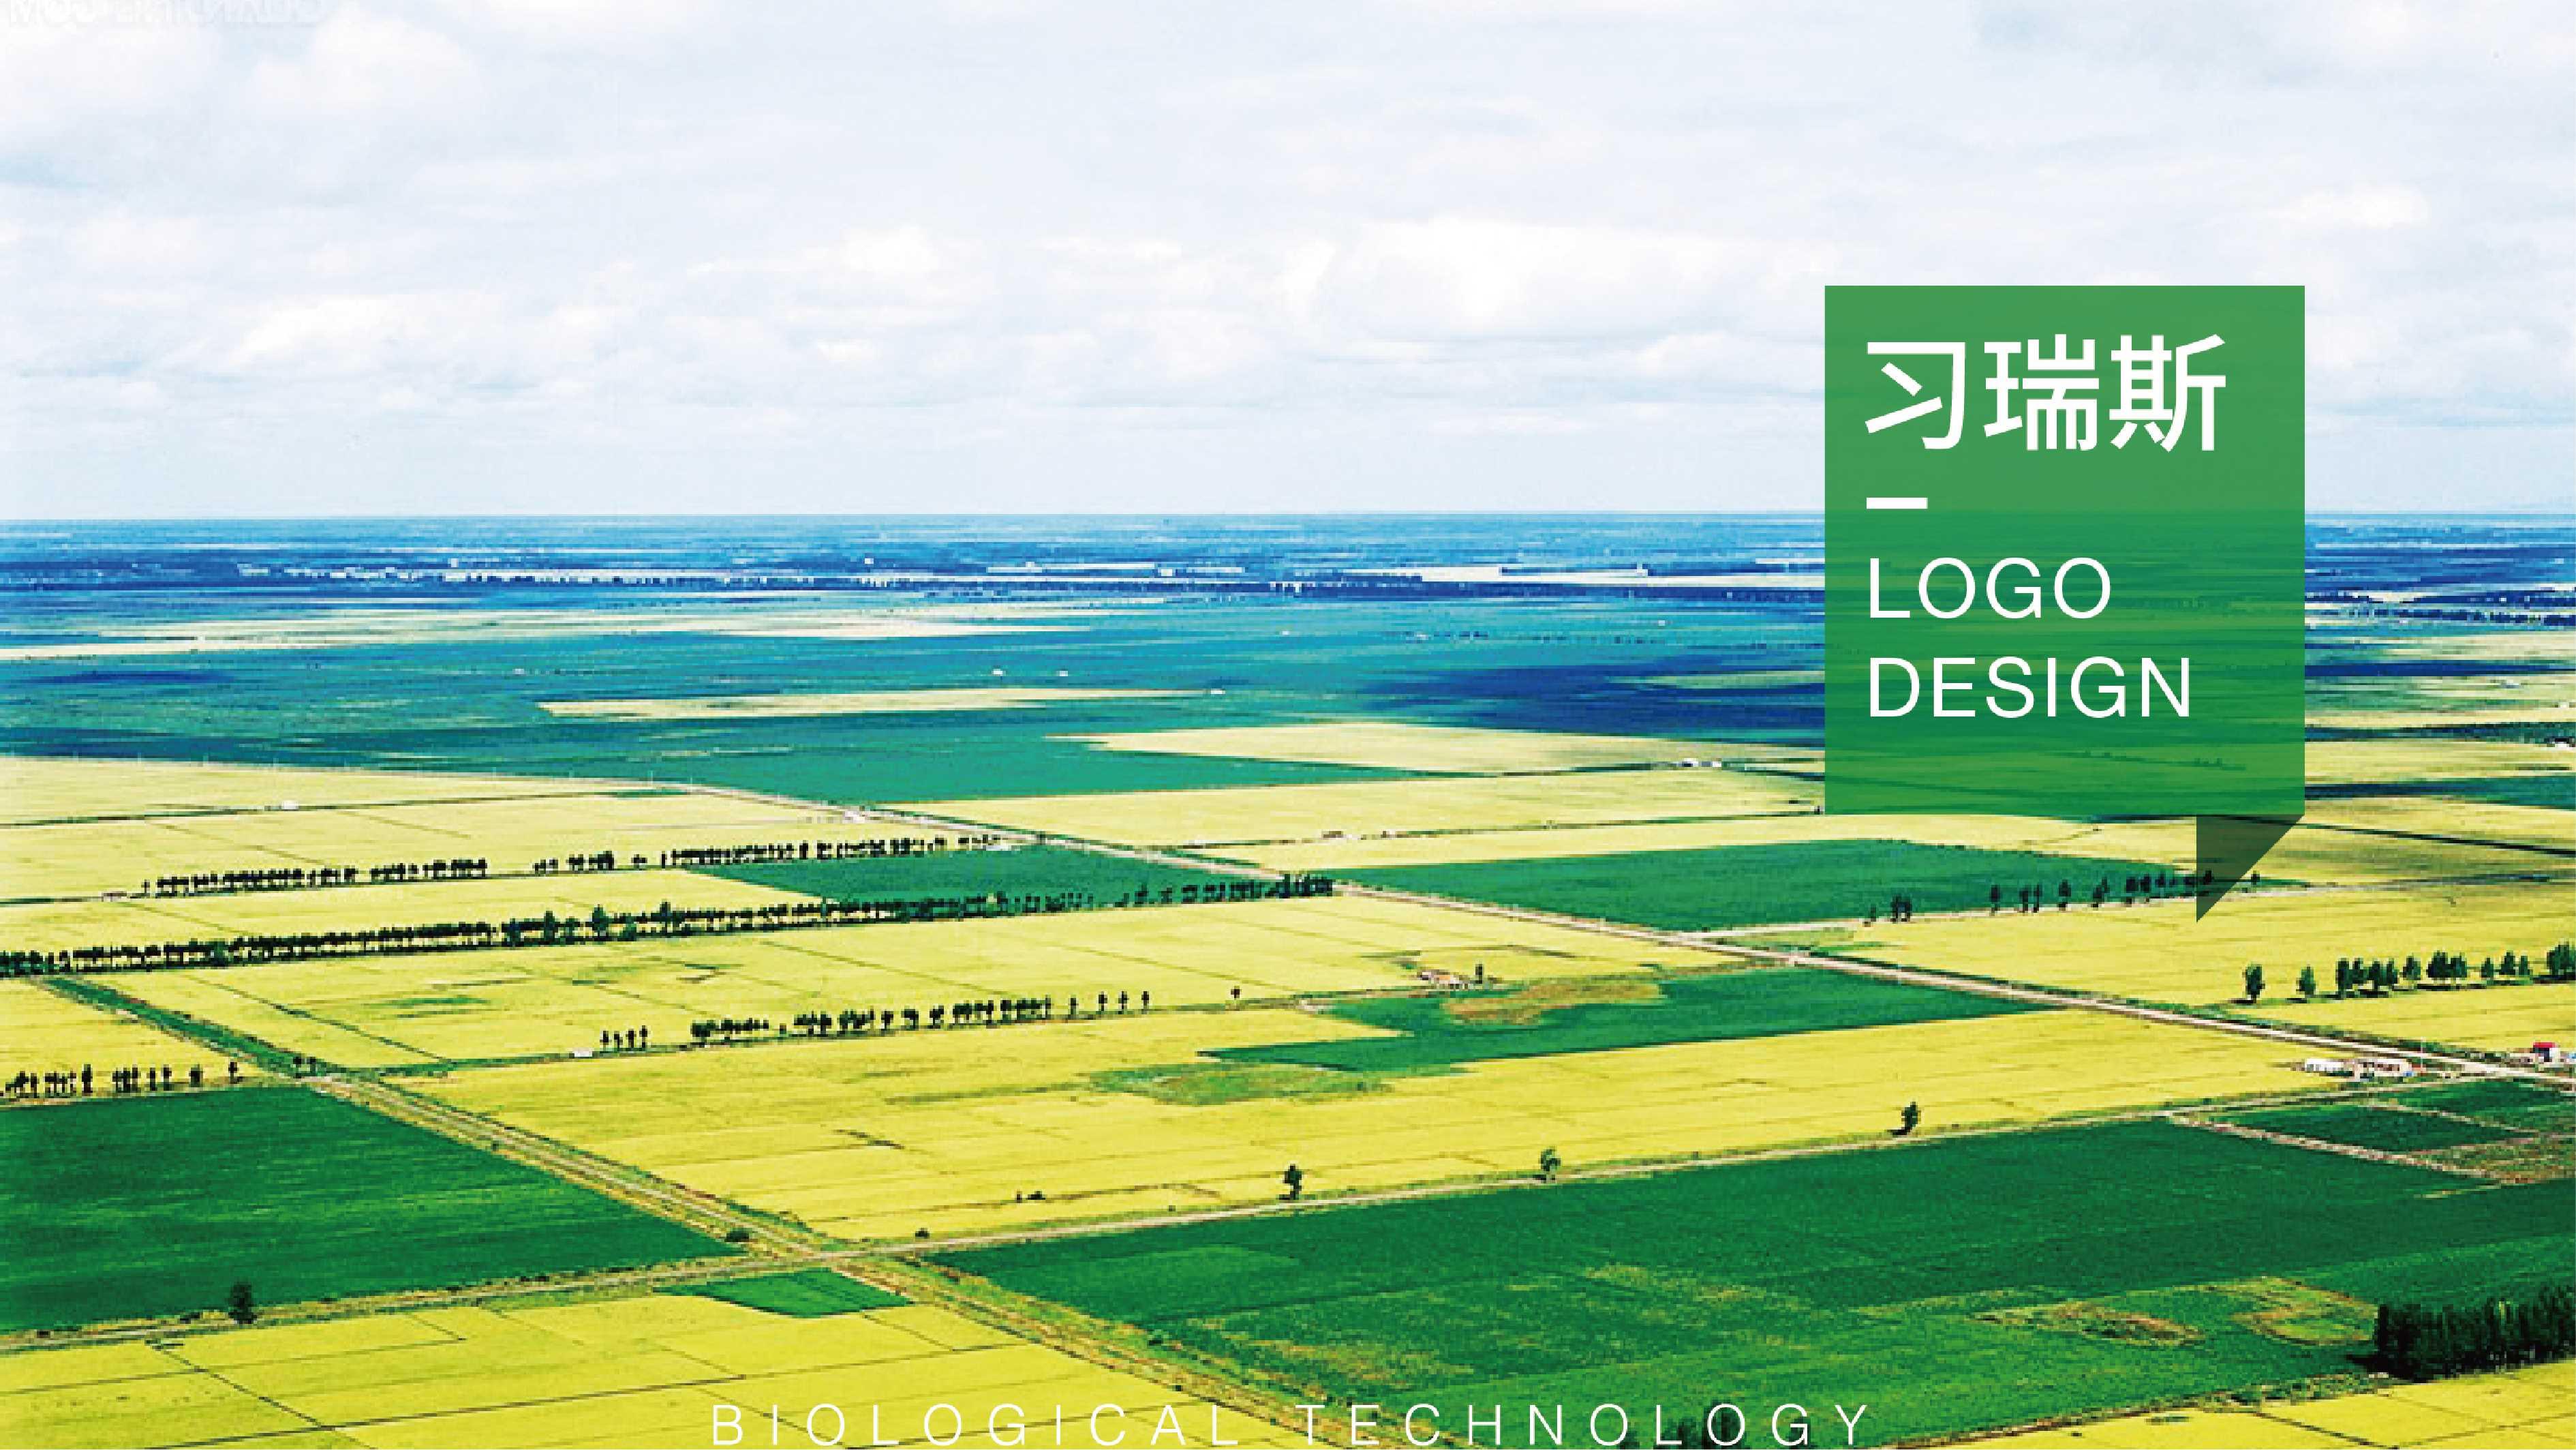 融延土壤肥料-融延土壤肥料-01